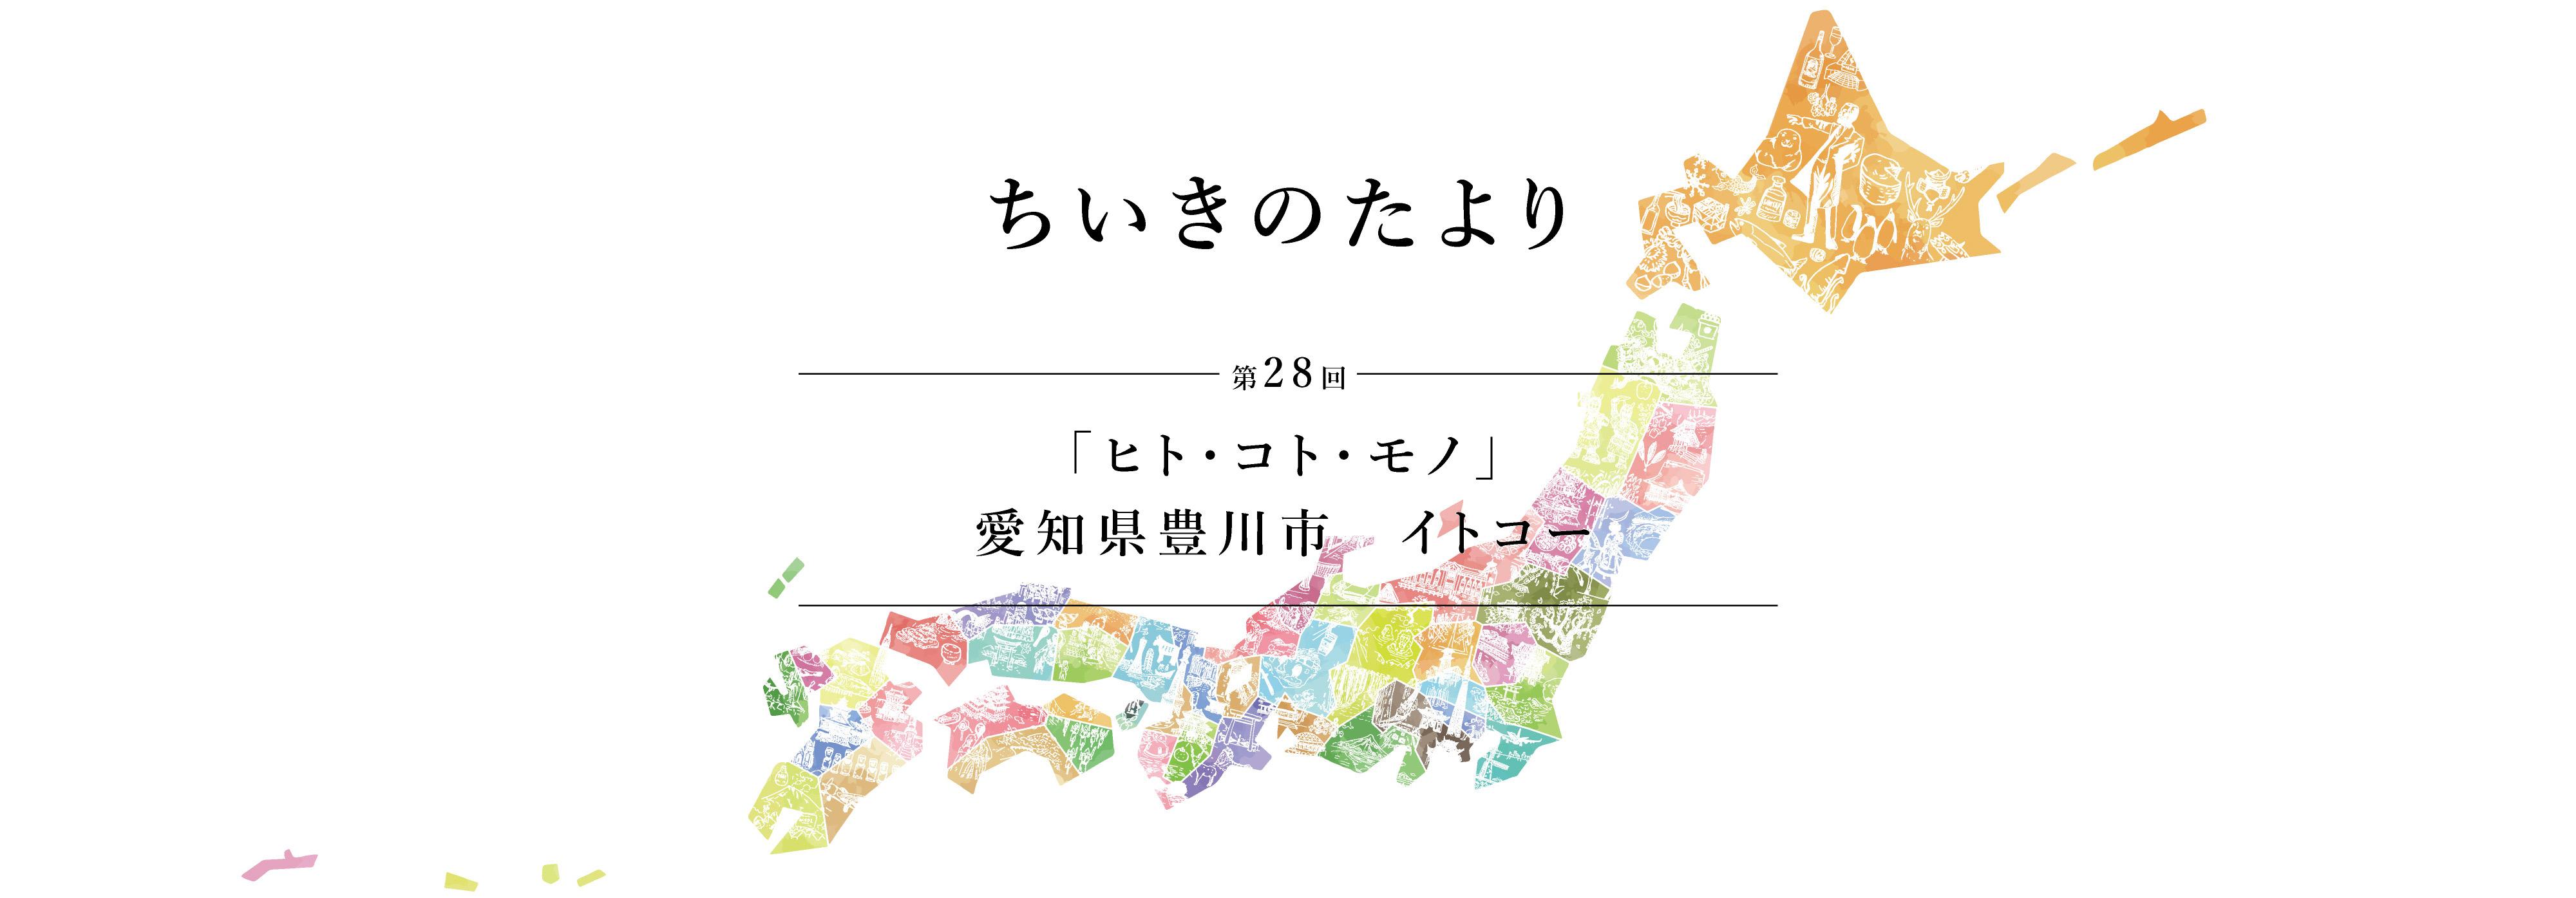 ちいきのたより第28回ヒト・コト・モノ愛知県豊川市イトコー